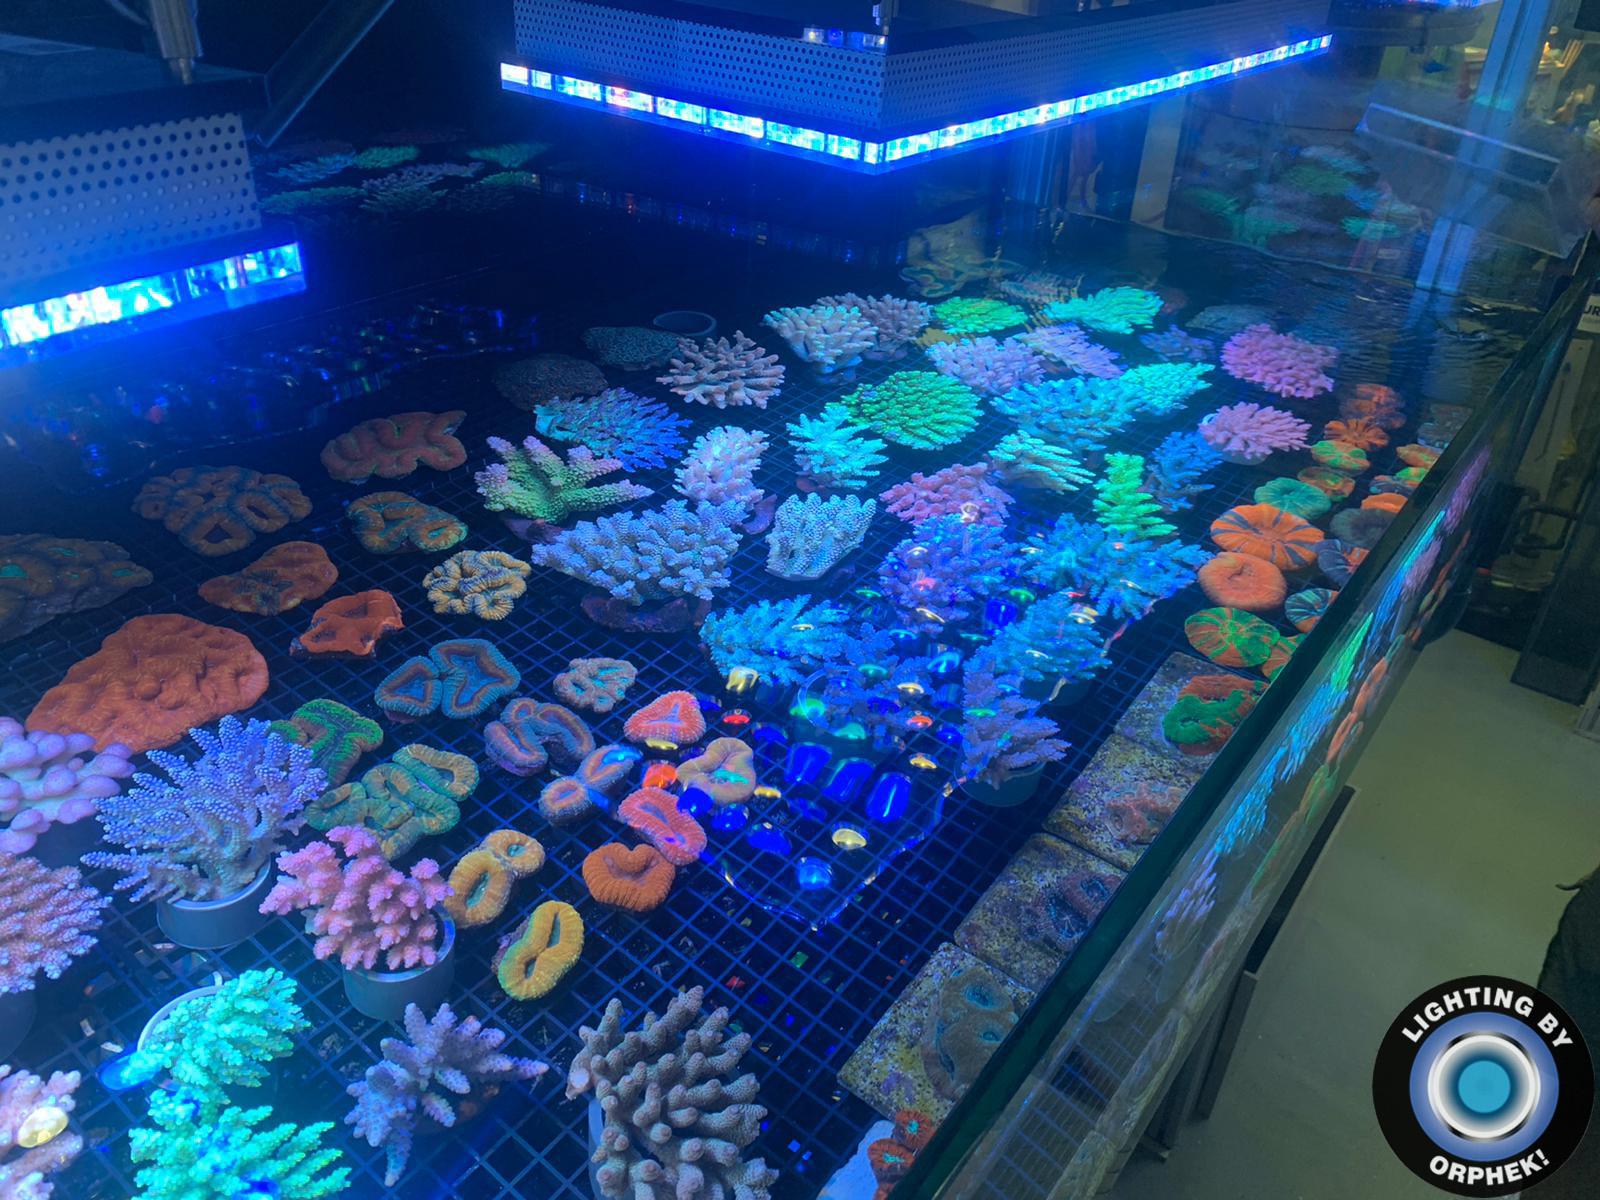 najszybsze oświetlenie LED koralowców SPS / LPS 2020